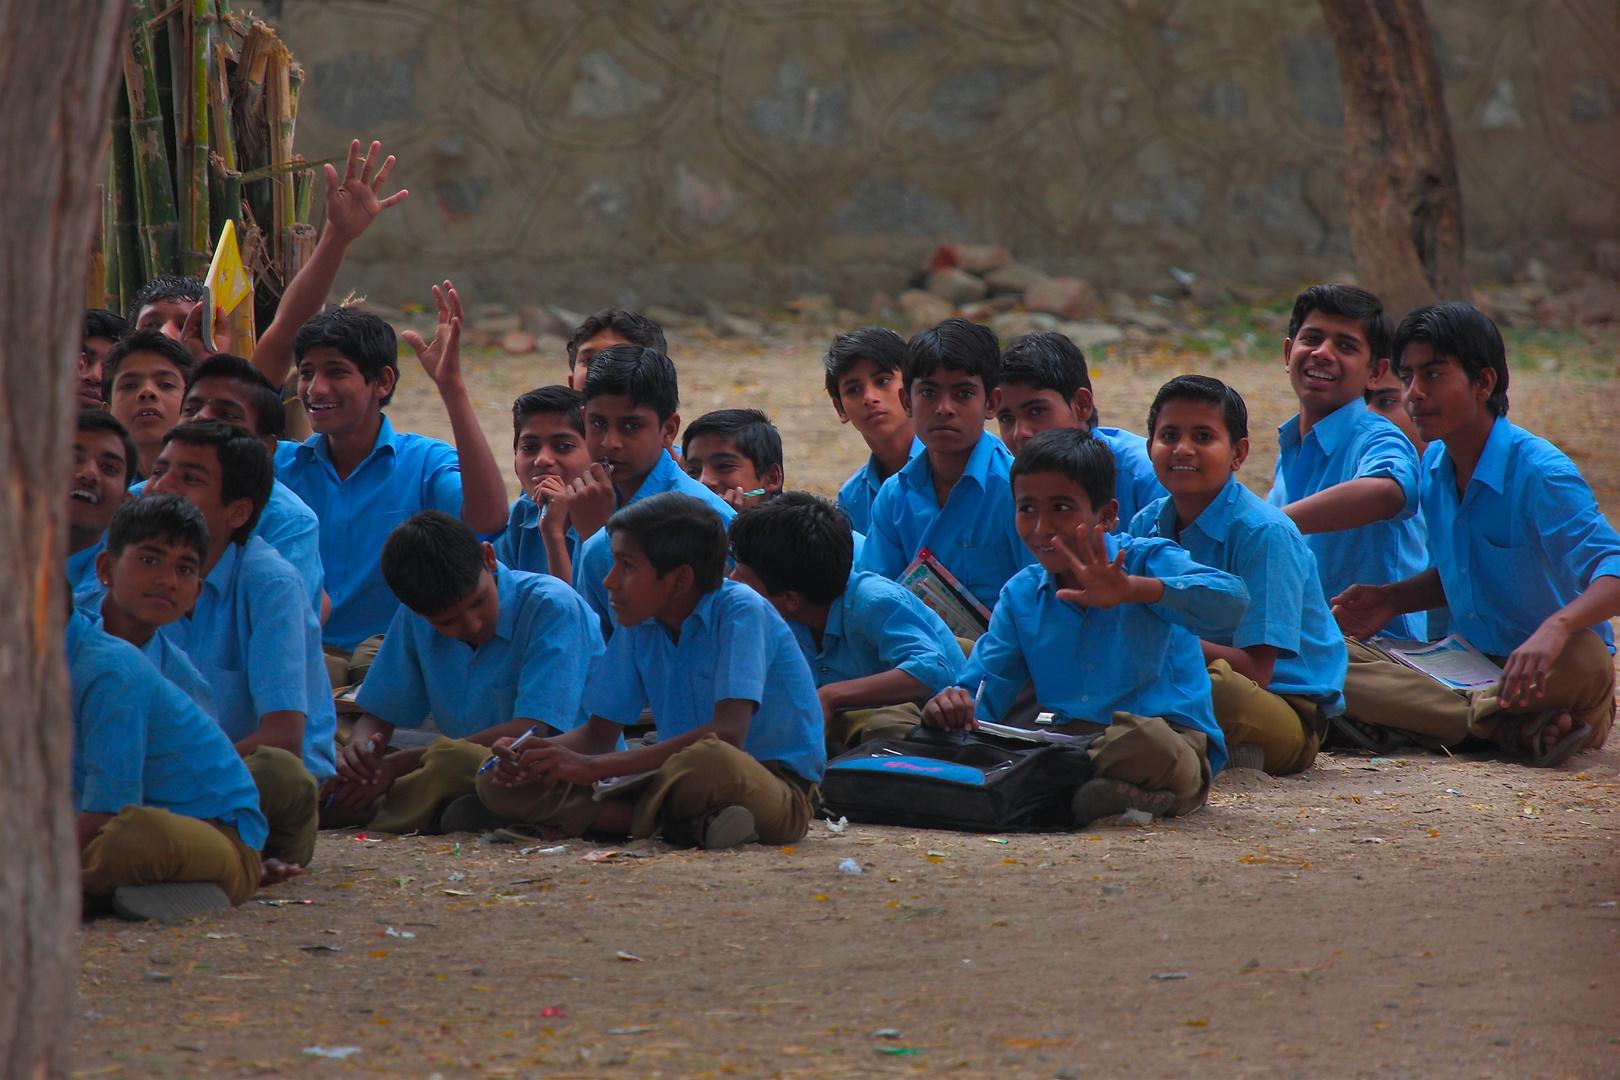 A l'école du village, campagne du Rajasthan.